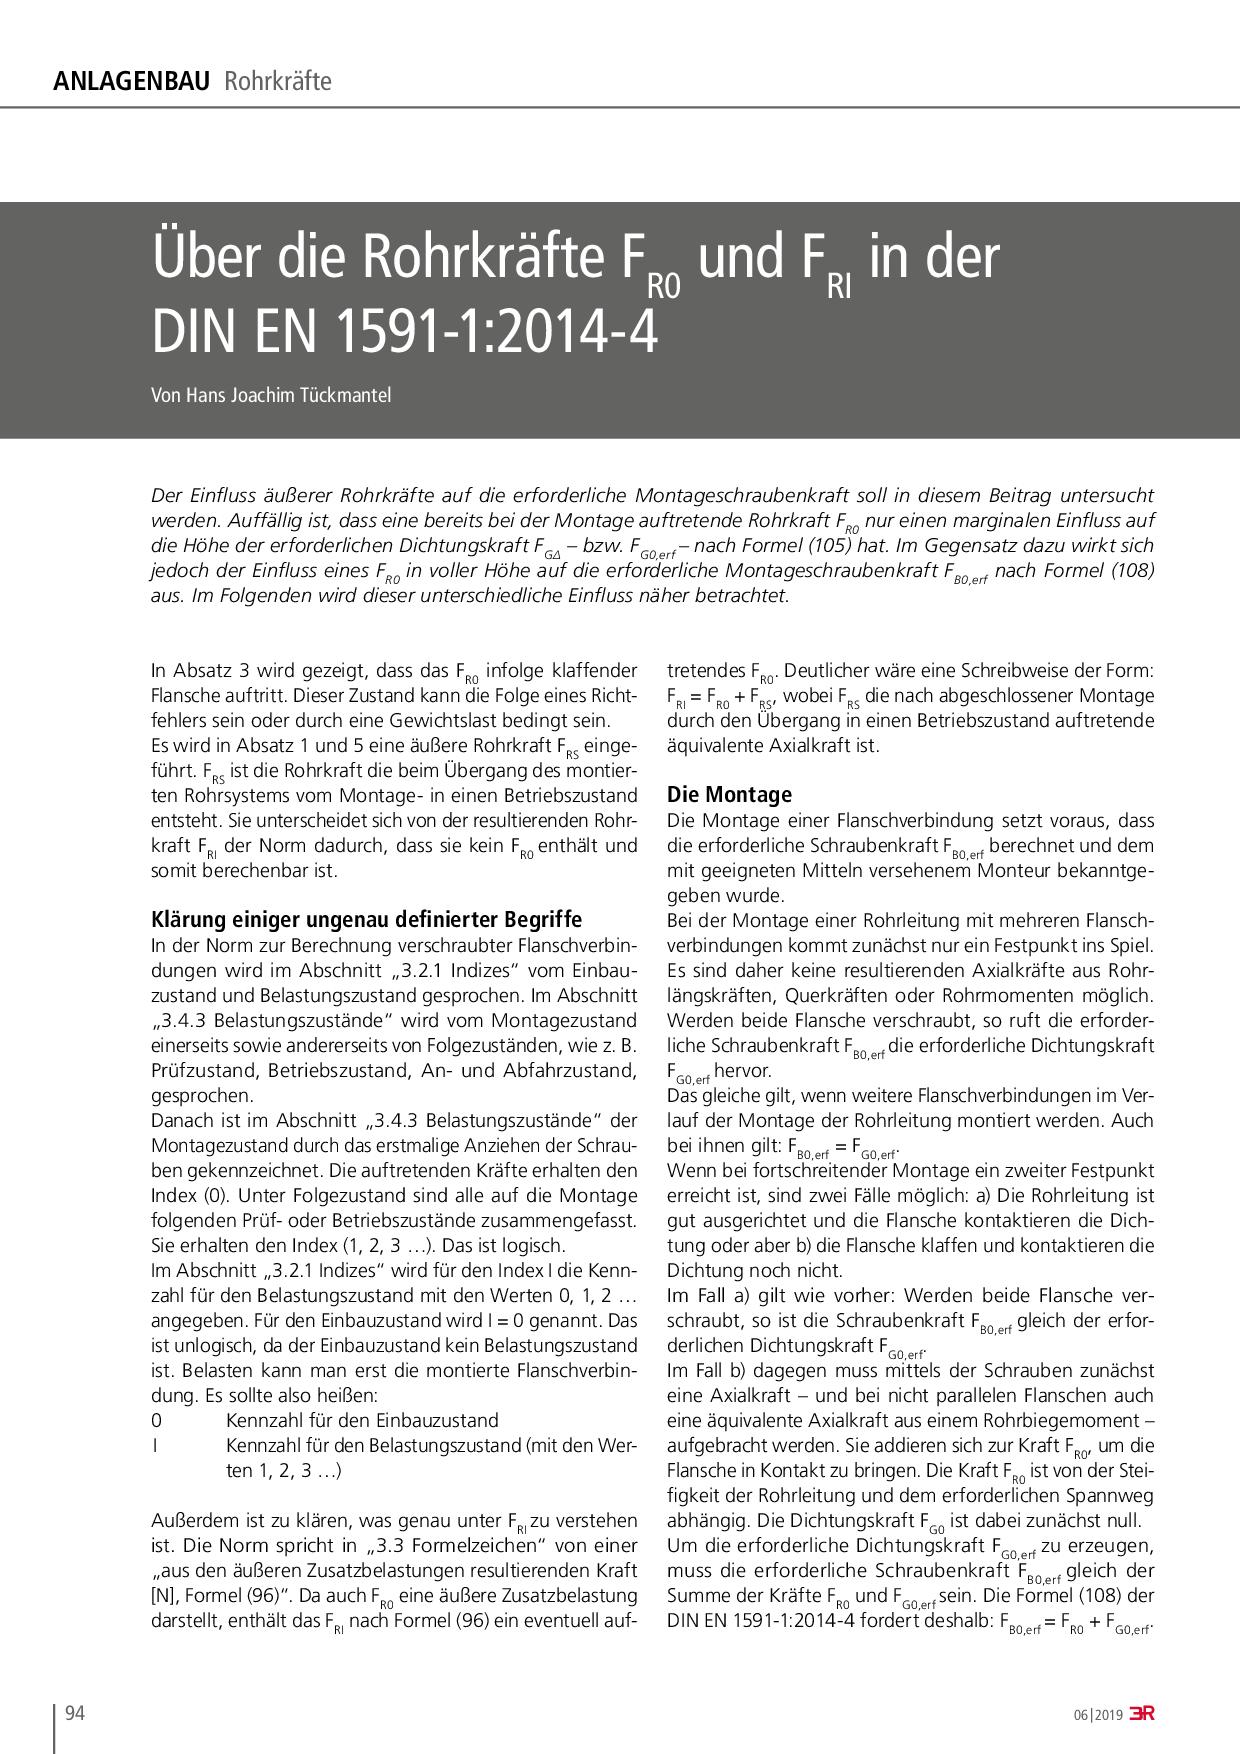 Über die Rohrkräfte FR0 und FRI in der DIN EN 1591-1:2014-4